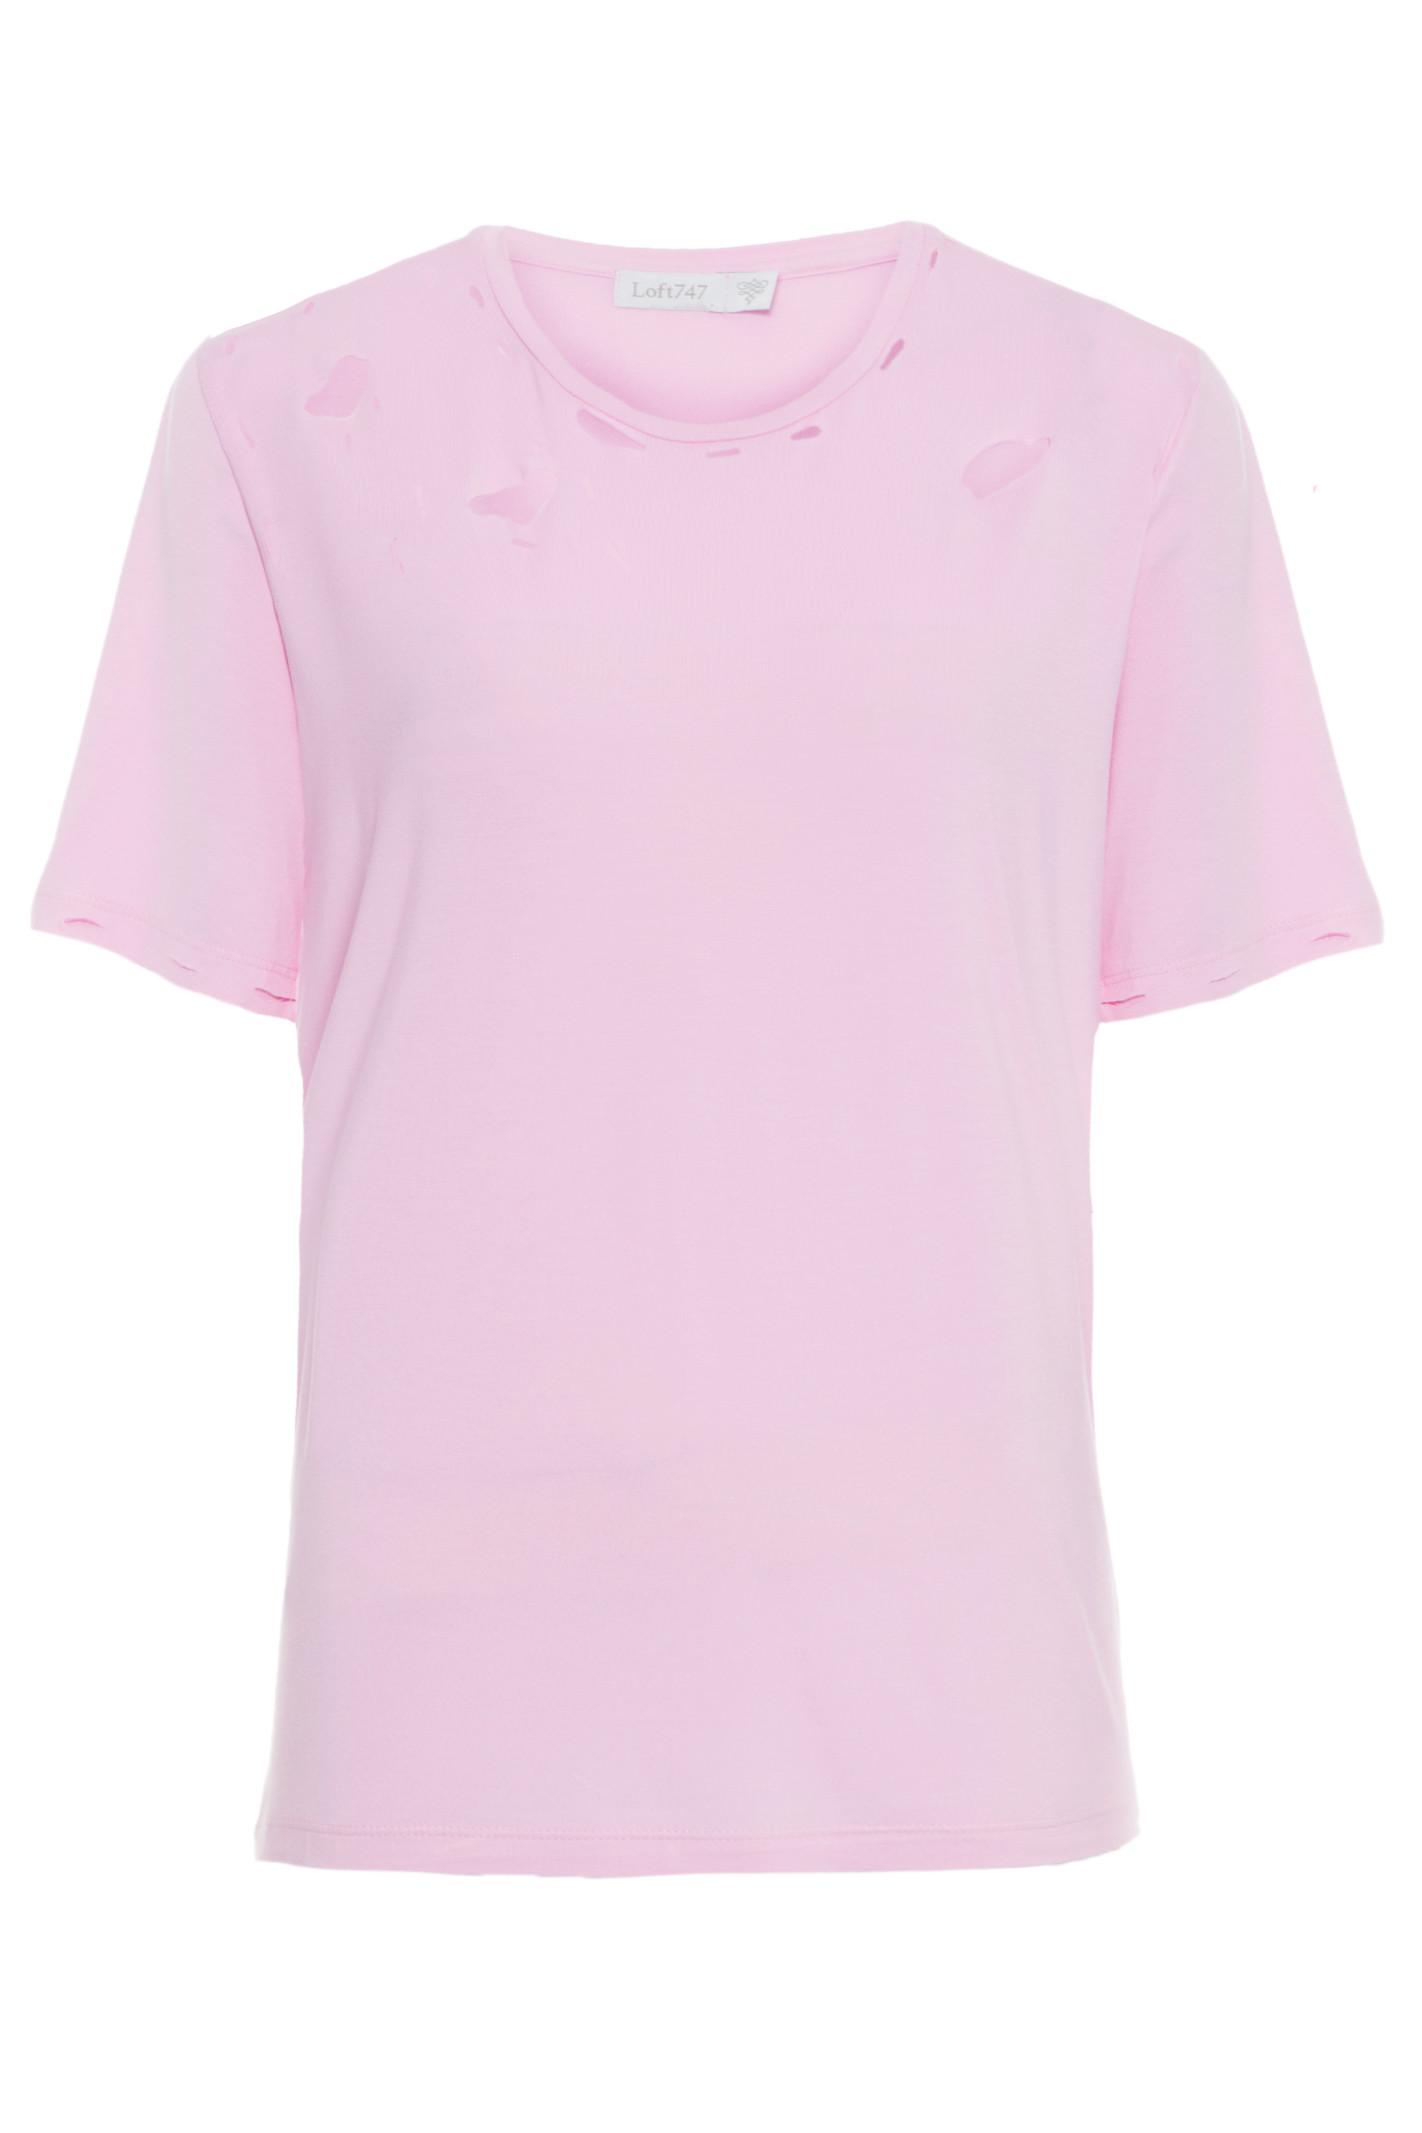 T-Shirt Bruna - Rosa